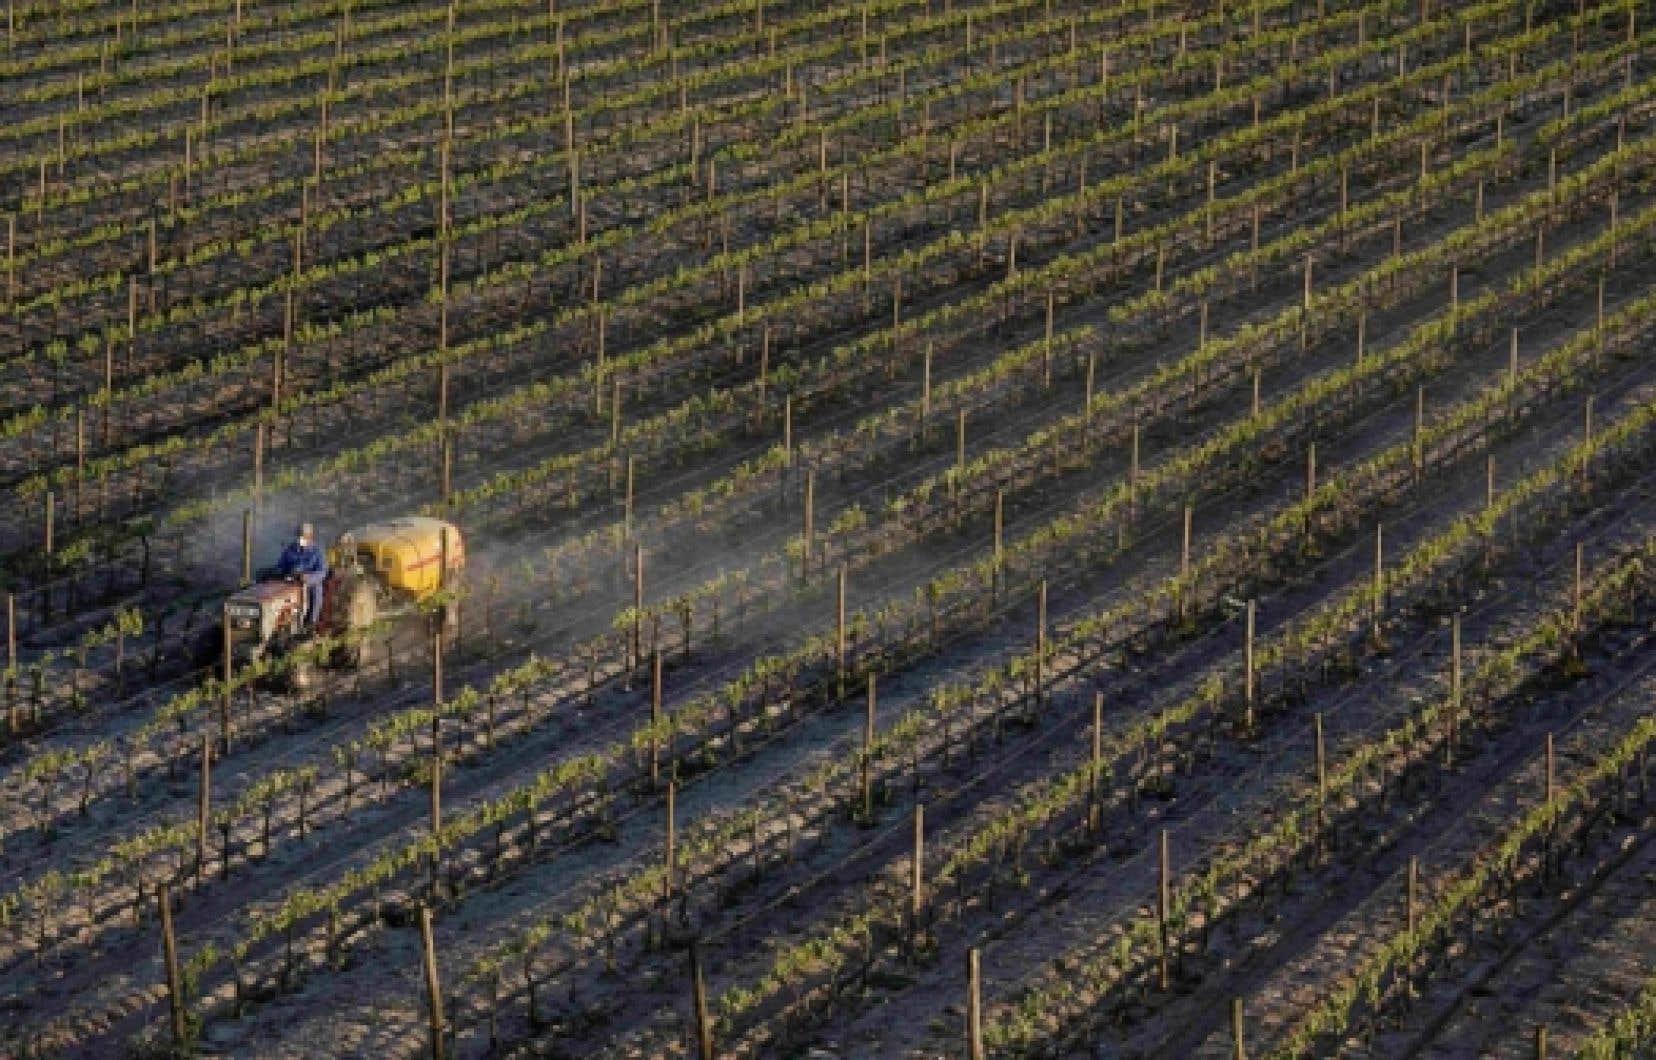 Pulv&eacute;risation de pesticides au Portugal.<br />